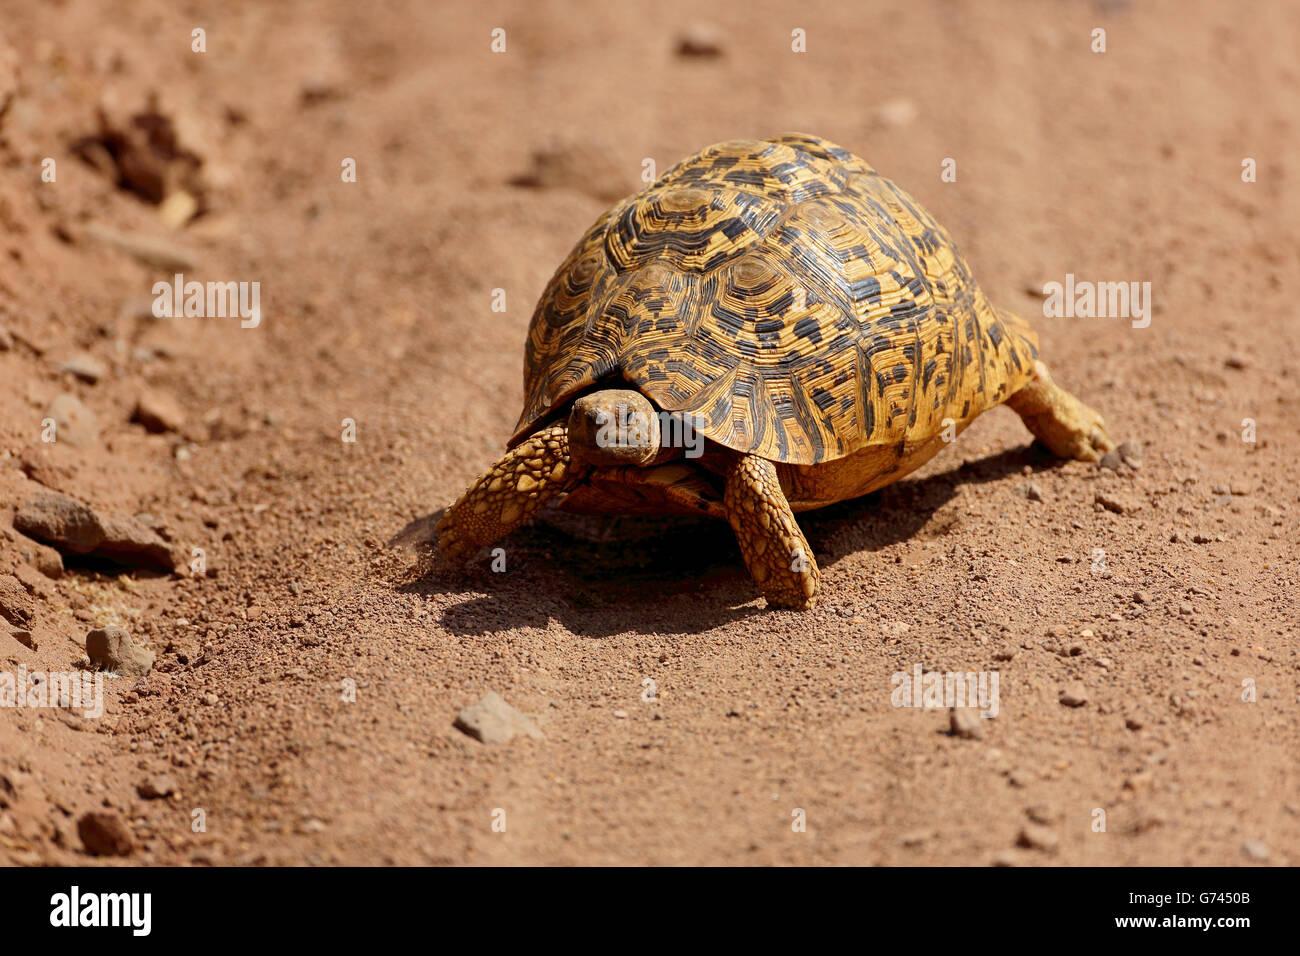 leopard tortoise, Lake Manyara NP, Tanzania, Africa (Testudo pardalis) - Stock Image